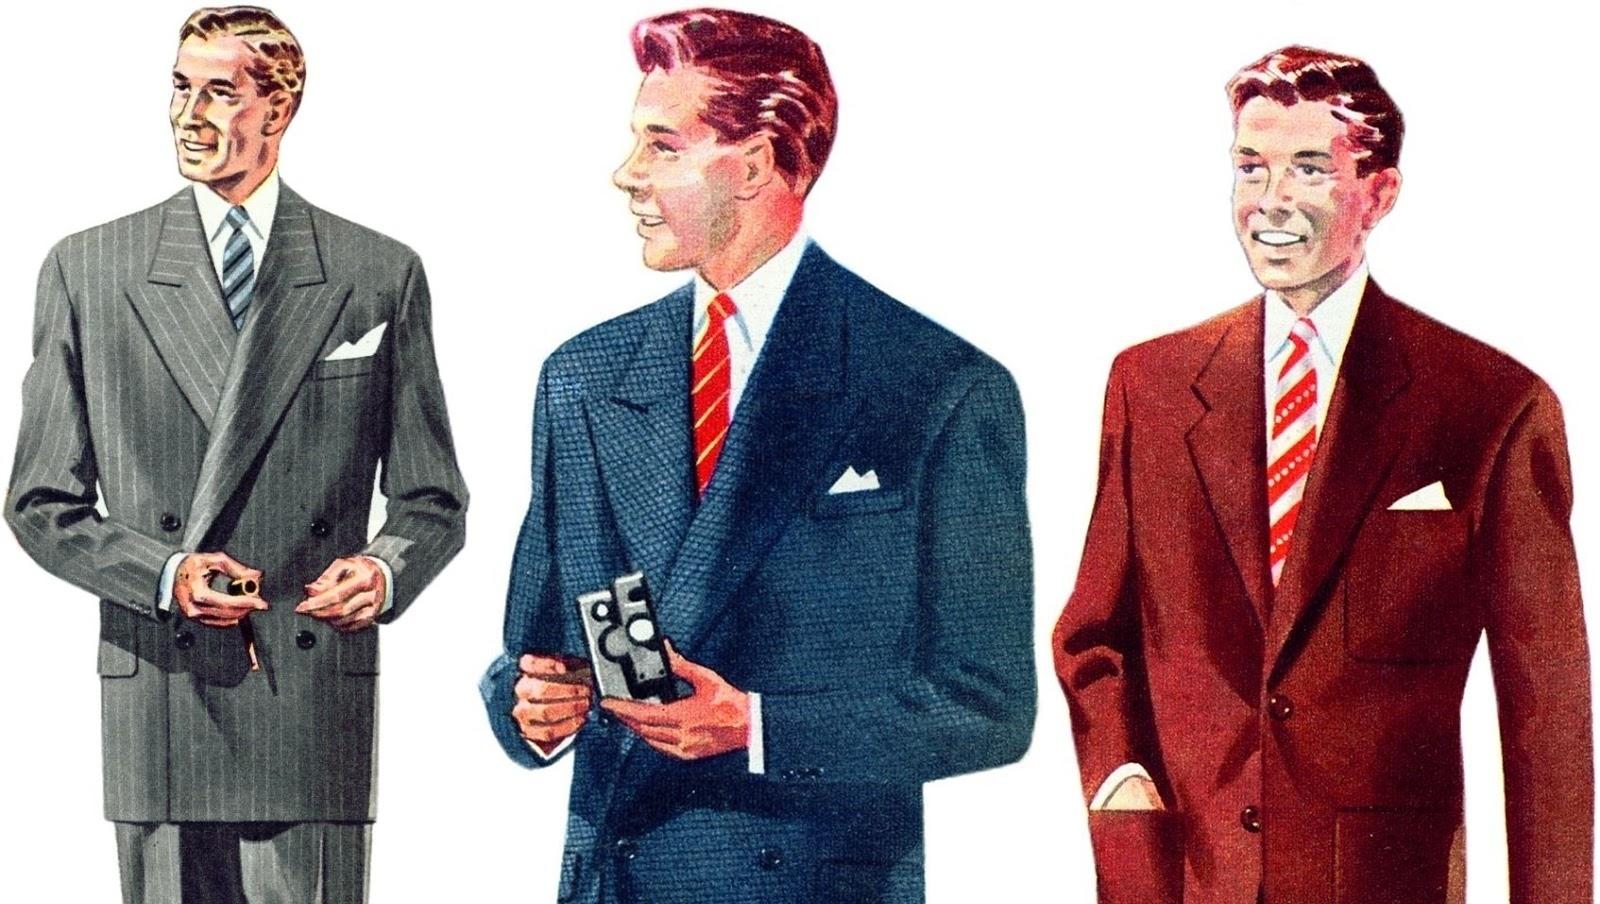 O tempo que usar terno e gravata era obrigatório